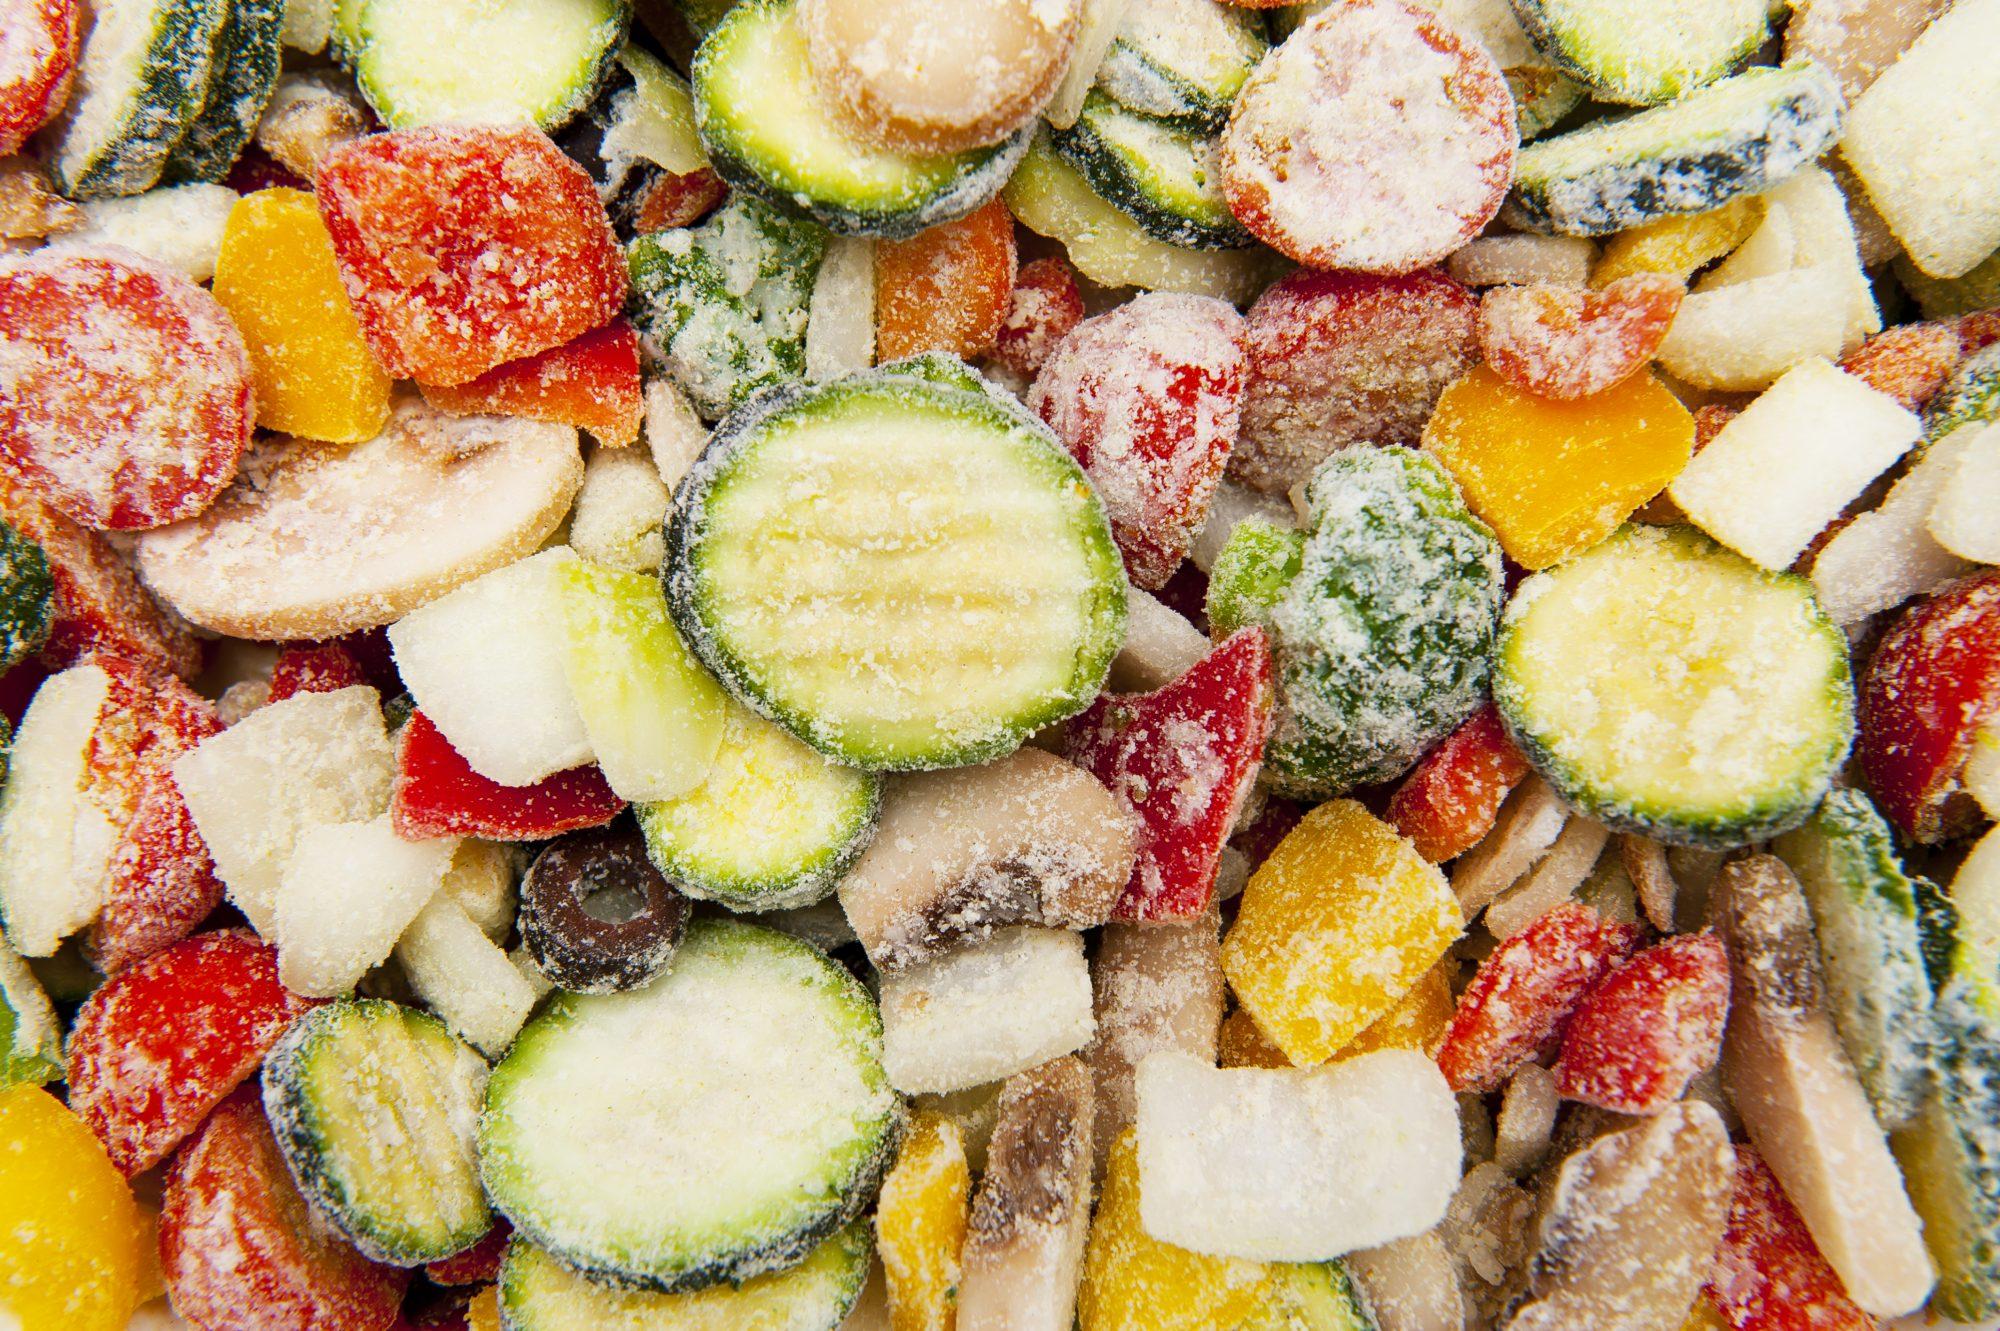 getty frozen vegs 020819.jpg